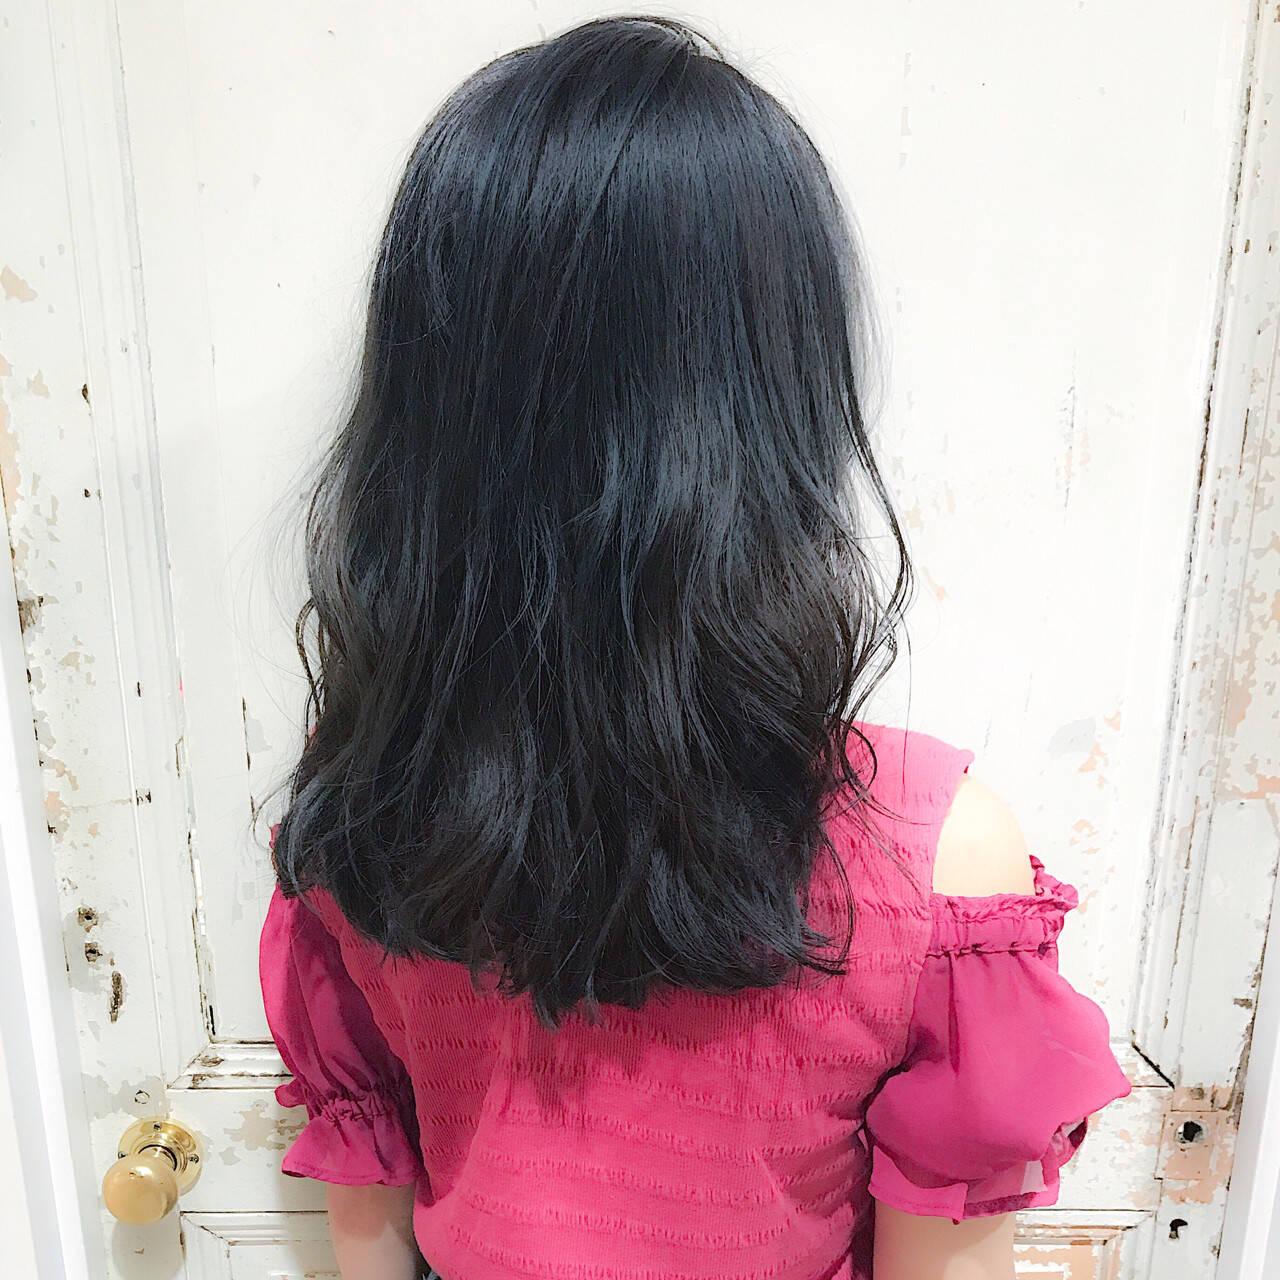 ブルーアッシュ ハイライト ウェーブ アンニュイヘアスタイルや髪型の写真・画像